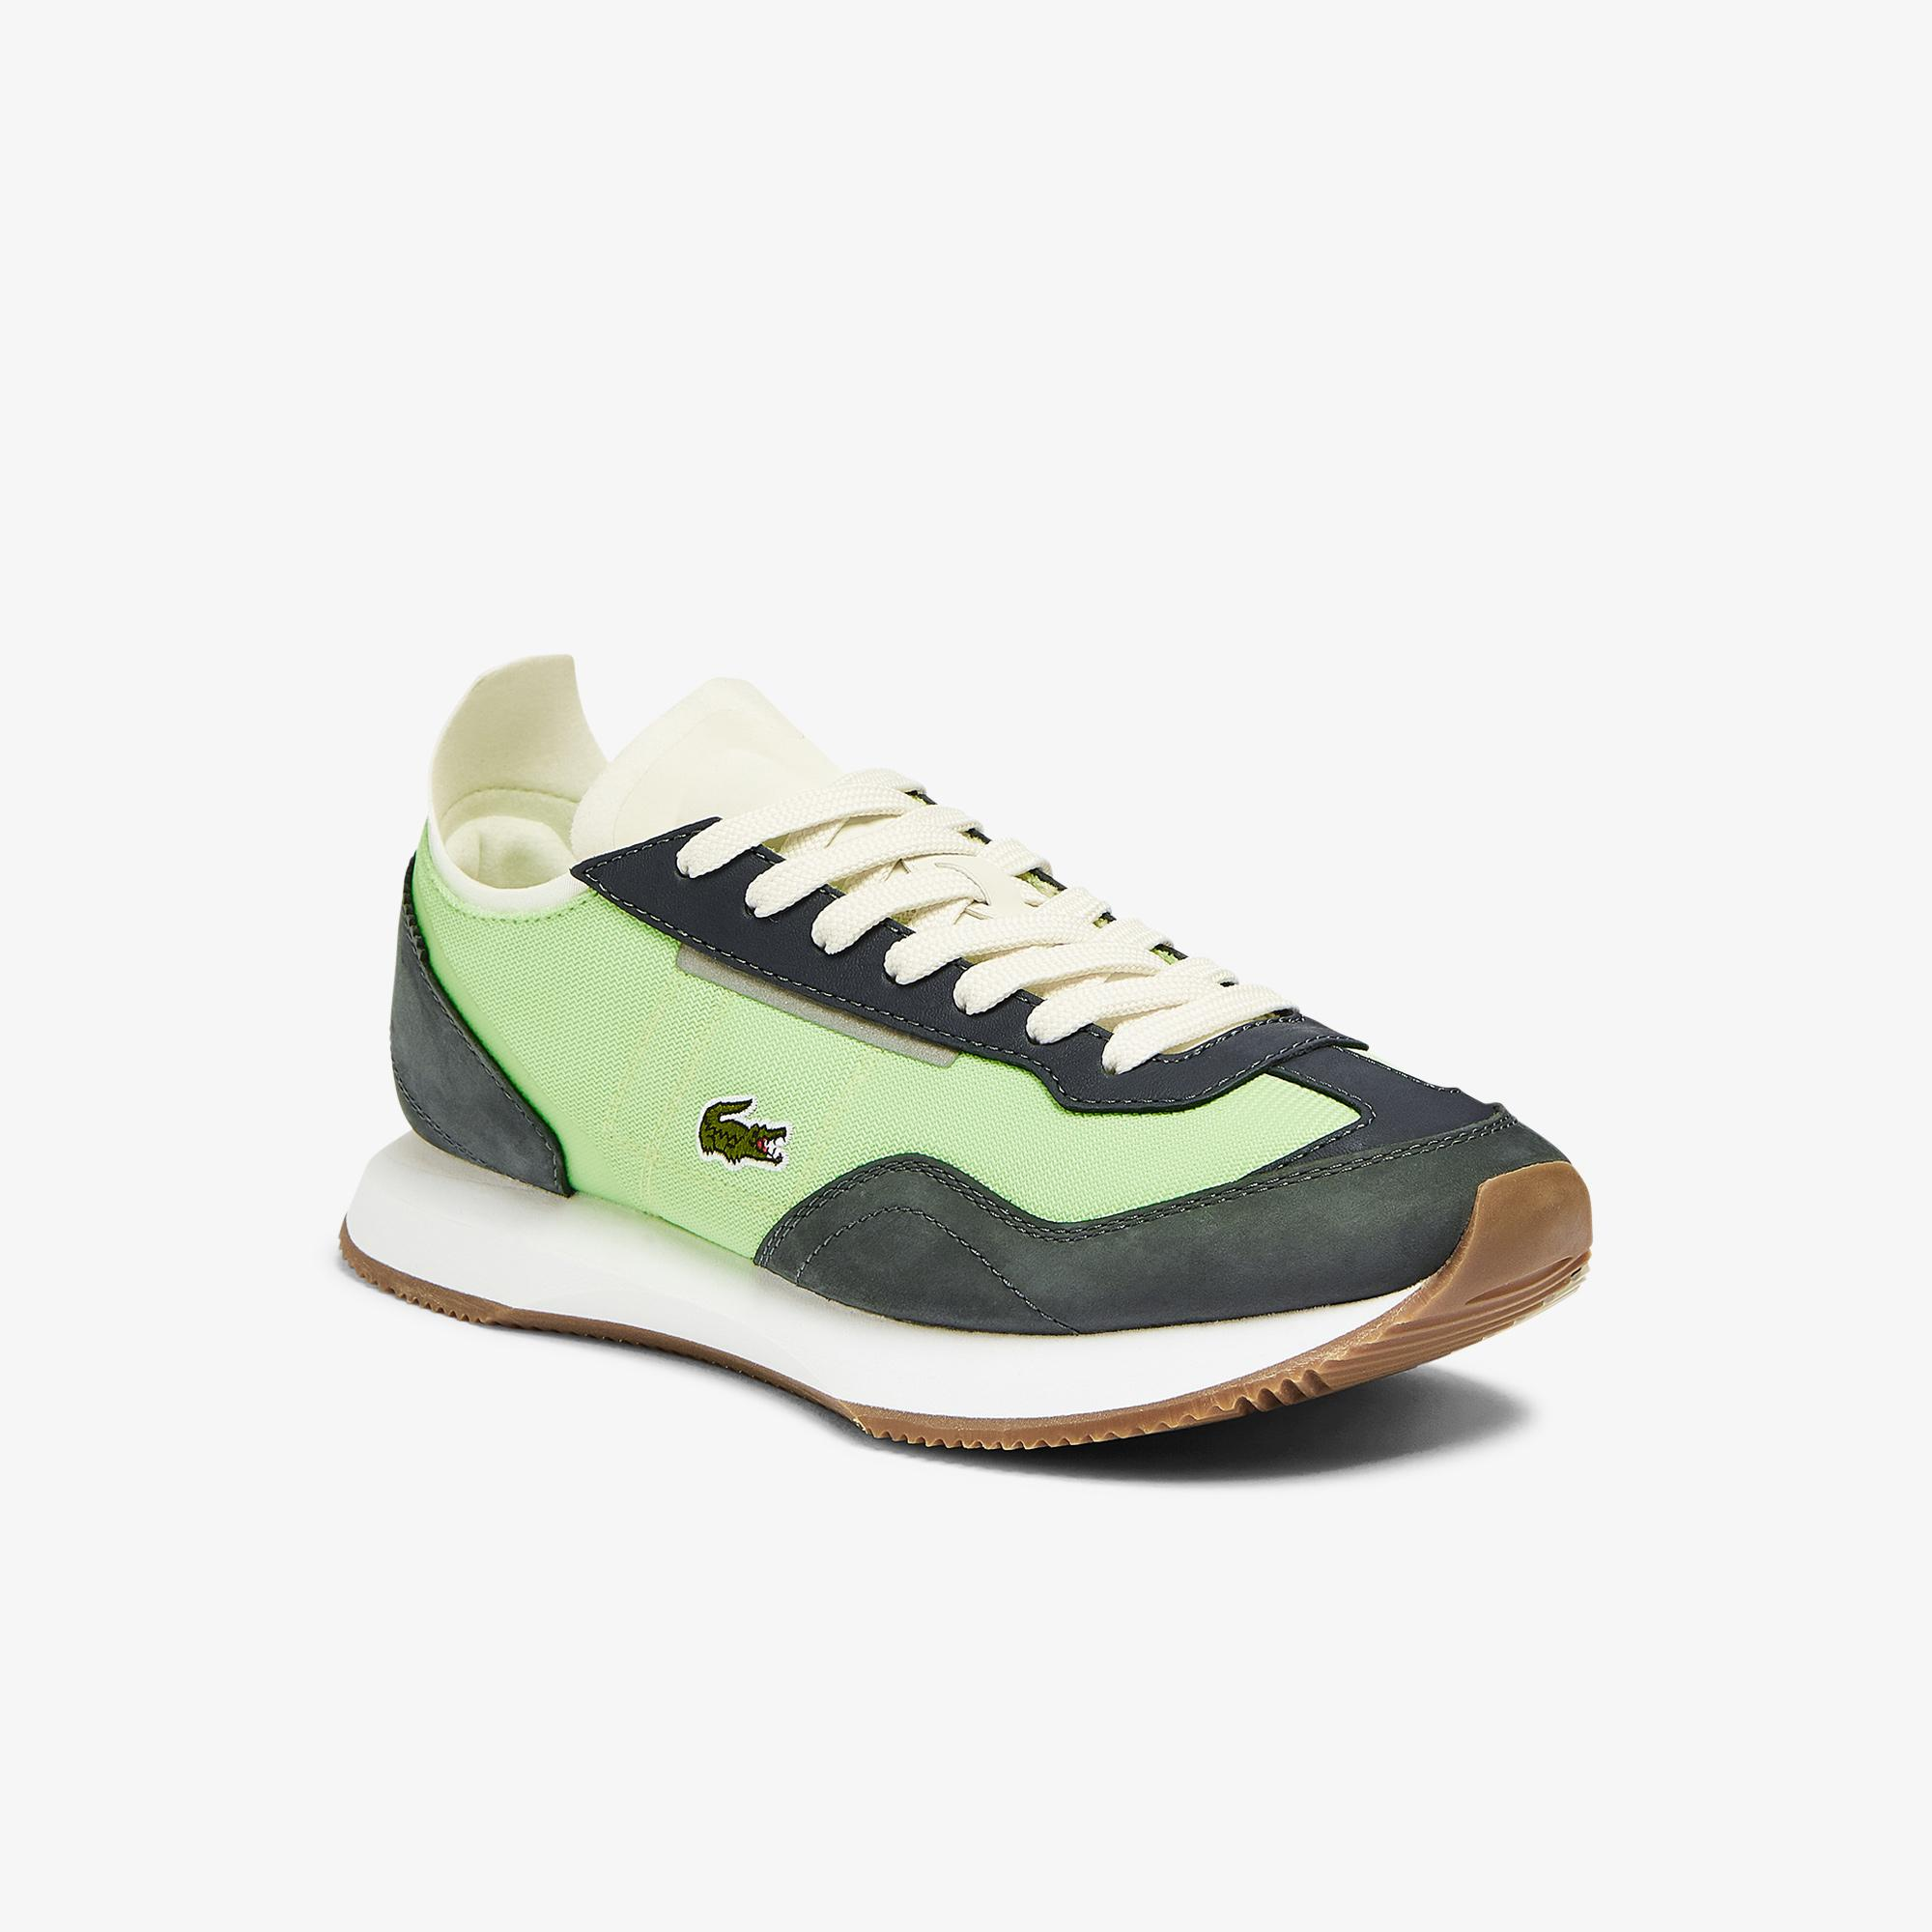 Lacoste Match Break 0721 1 G Sfa Kadın Açık Yeşil - Beyaz Sneaker